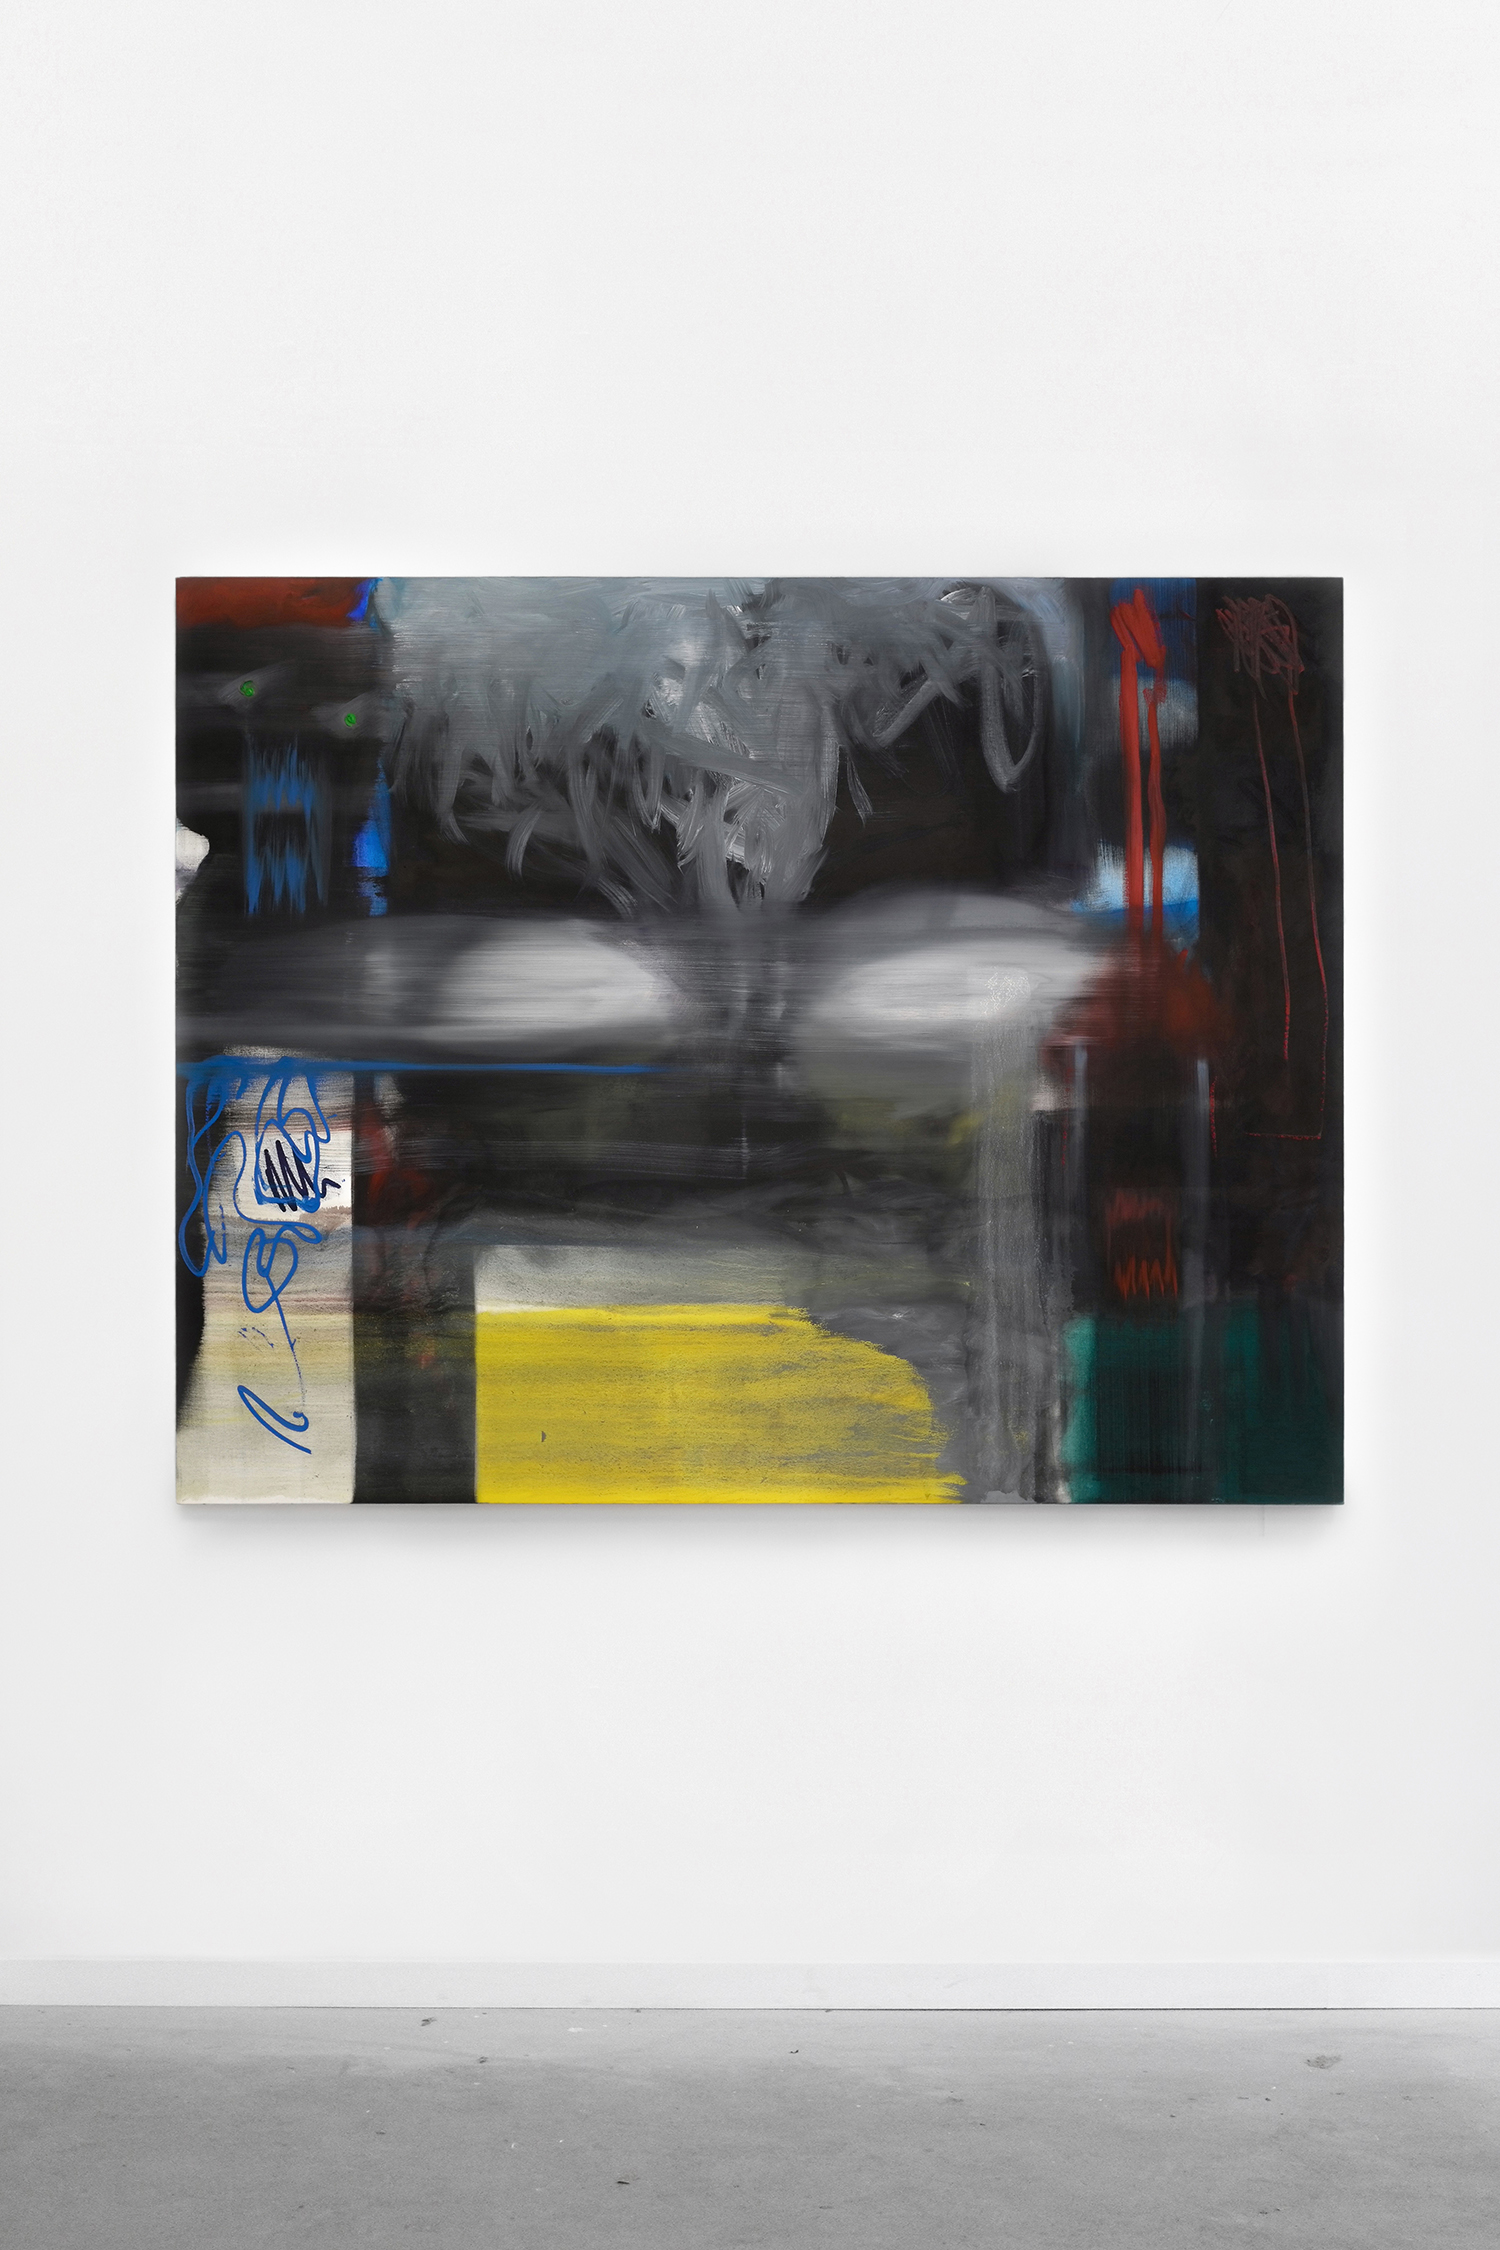 S. Derviz, Dancers I, oil on canvas, 170 x 120cm, 2018